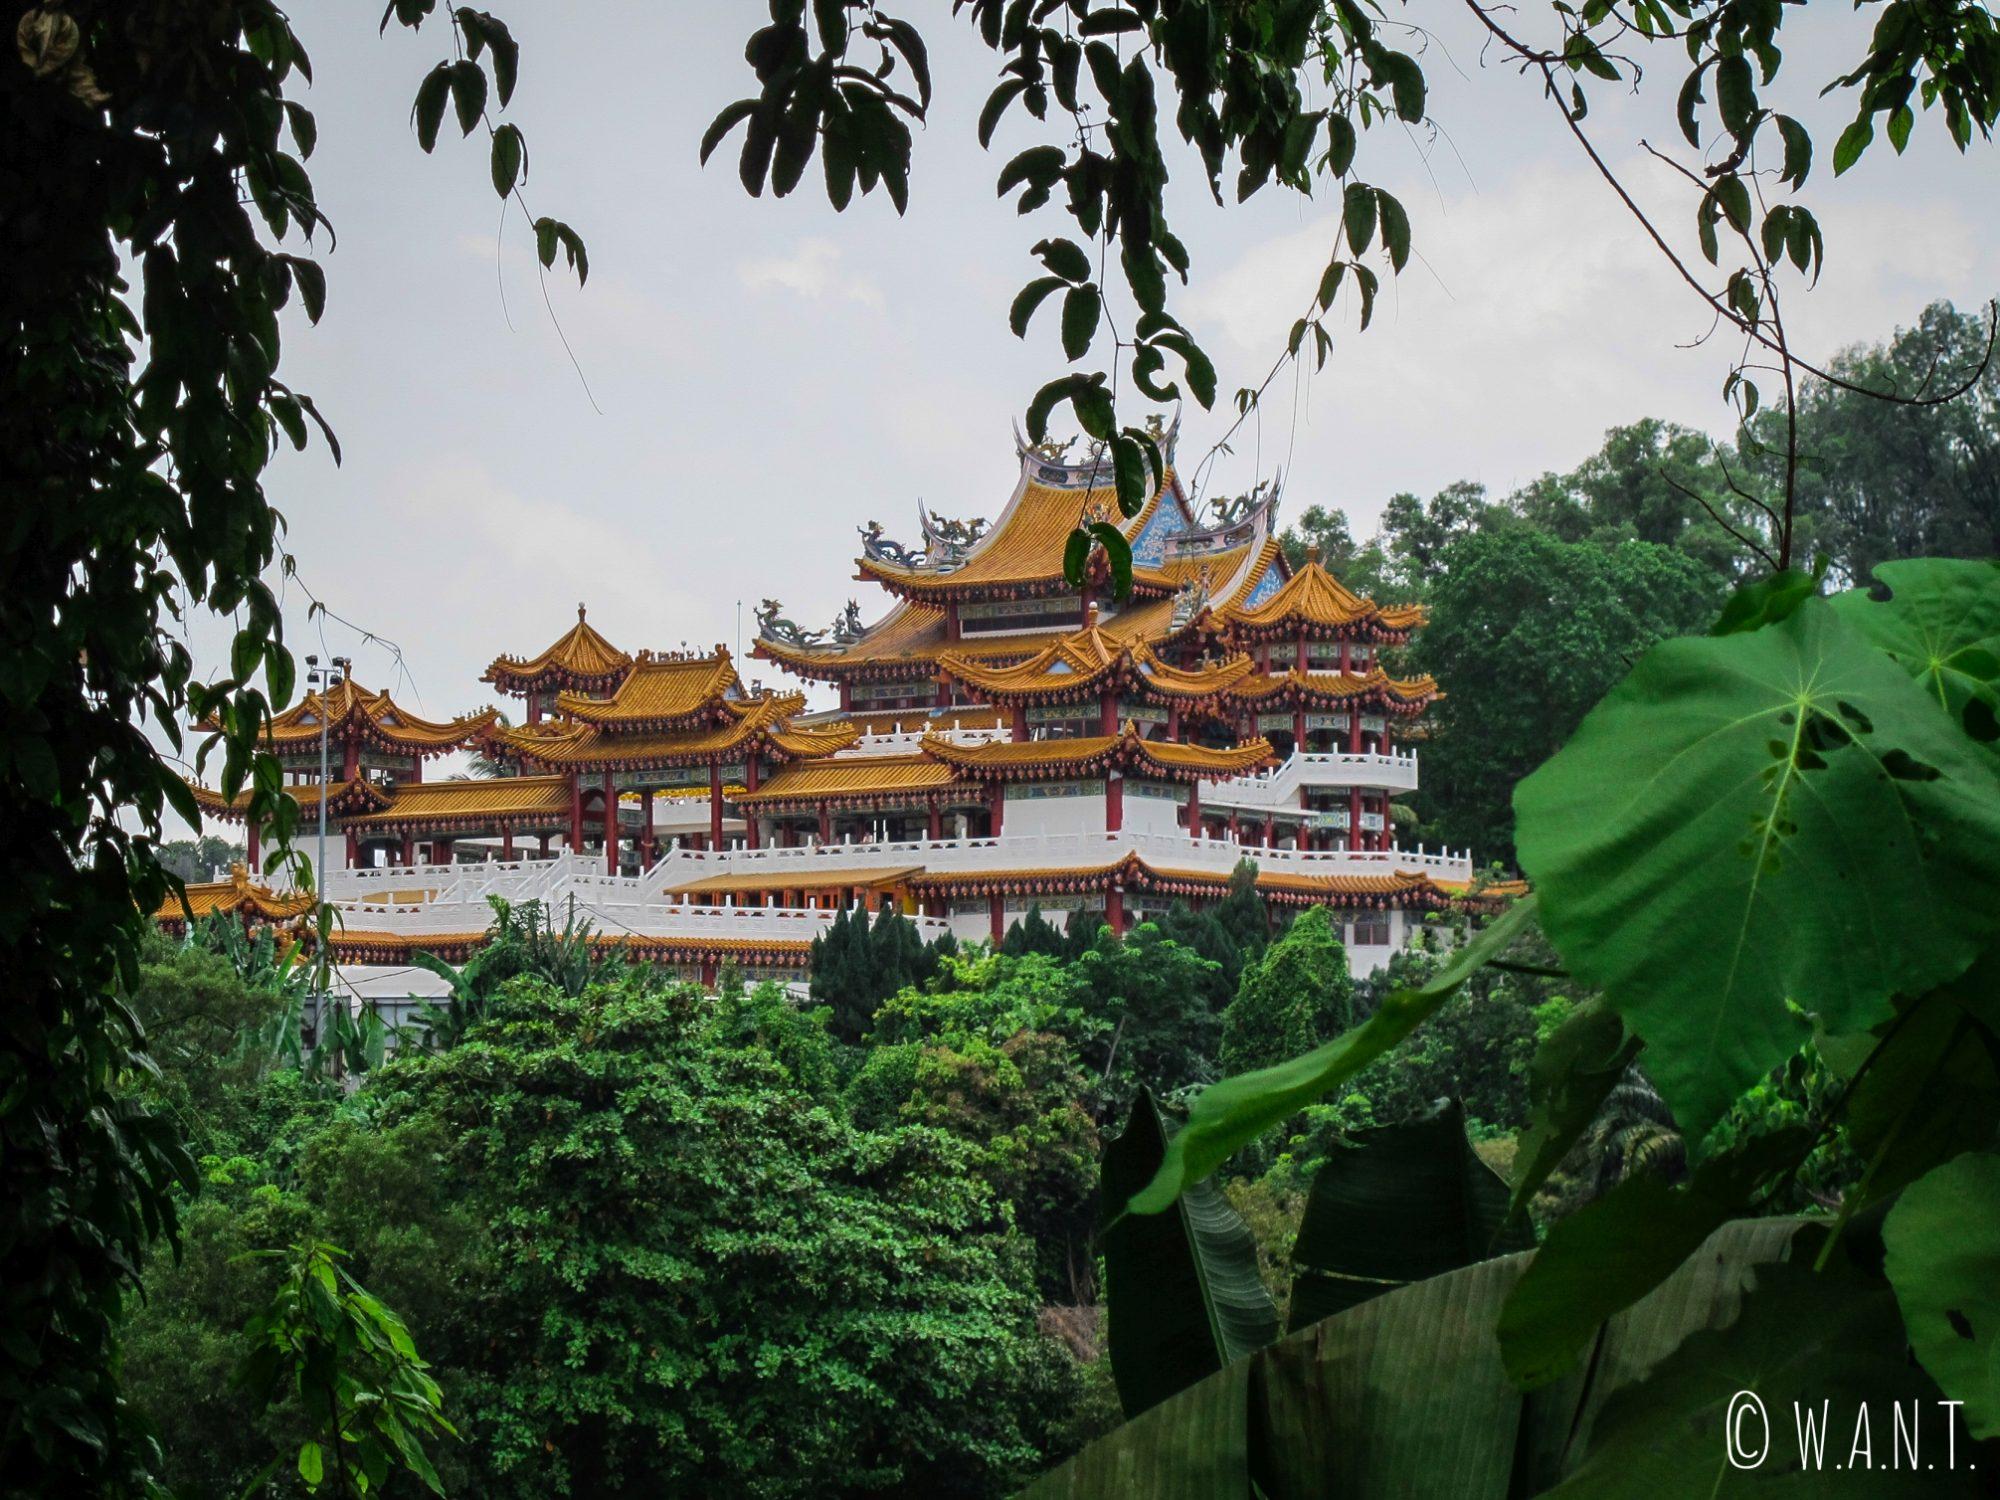 Vue sur le temple chinois Thean Hou Temple de Kuala Lumpur